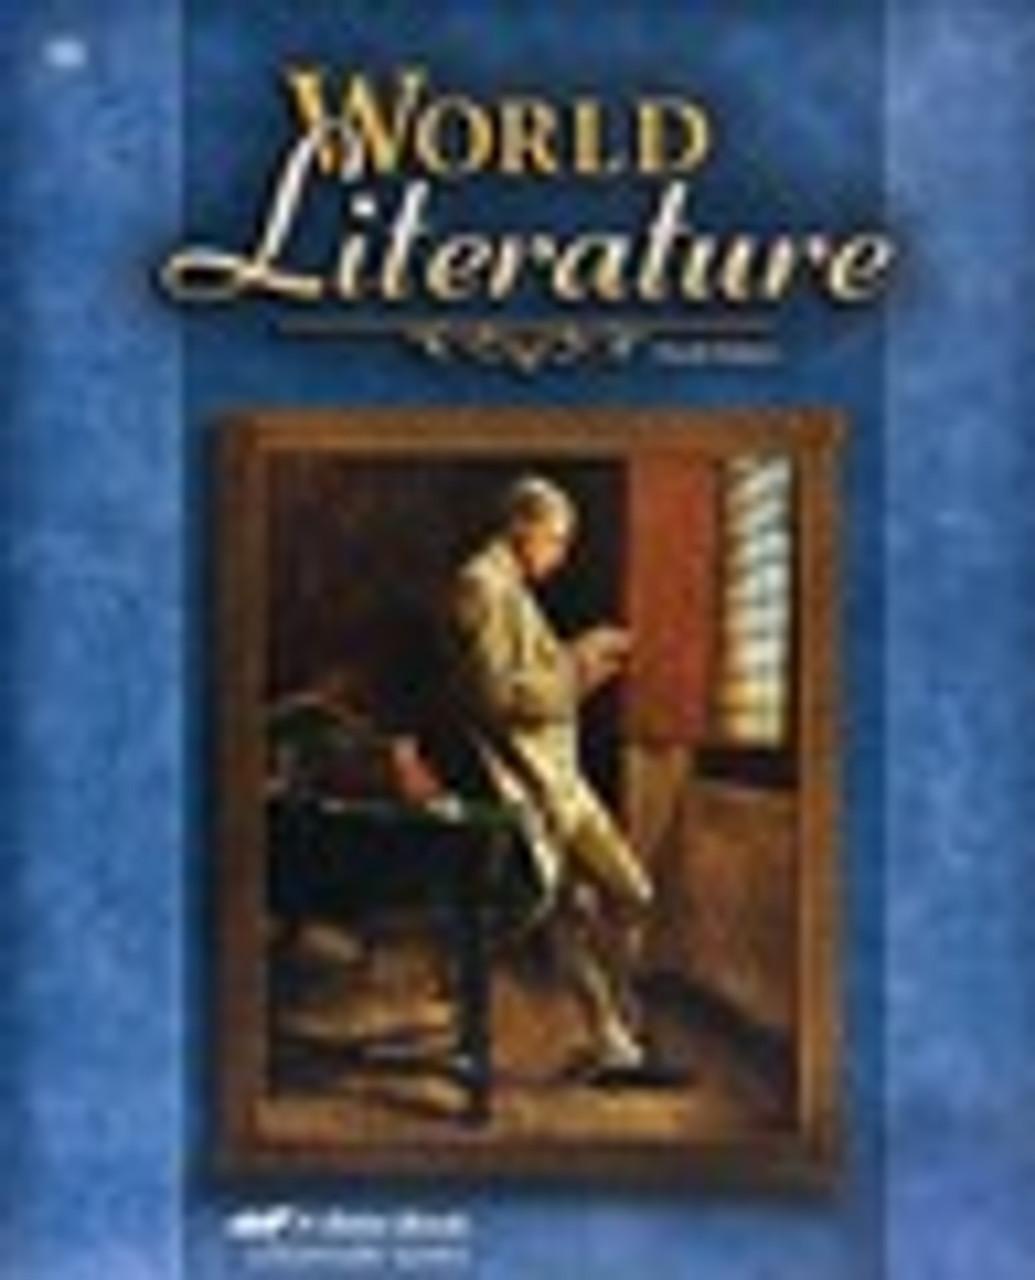 World Literature, 4th edition